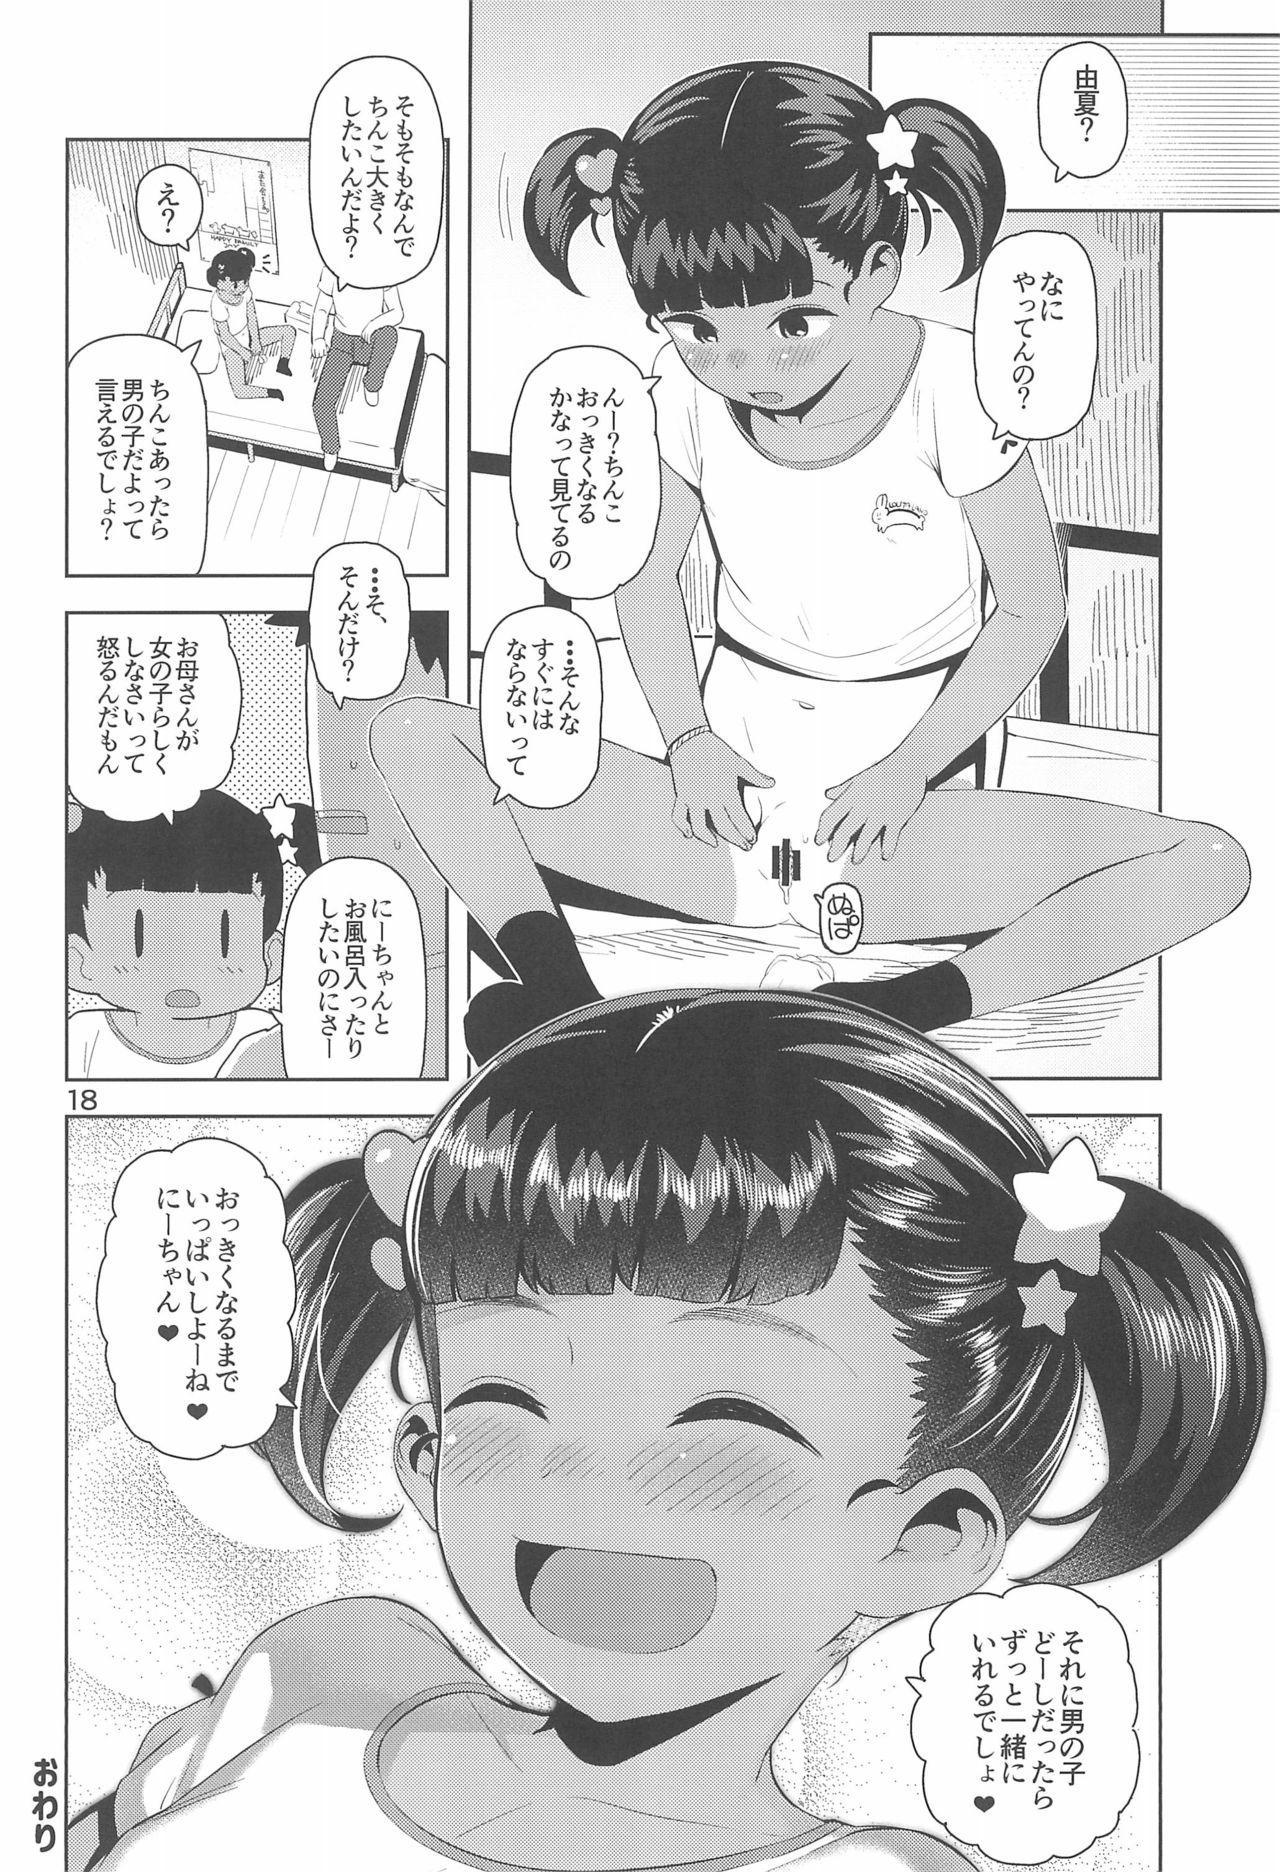 Yuka-chan no Naisho 19